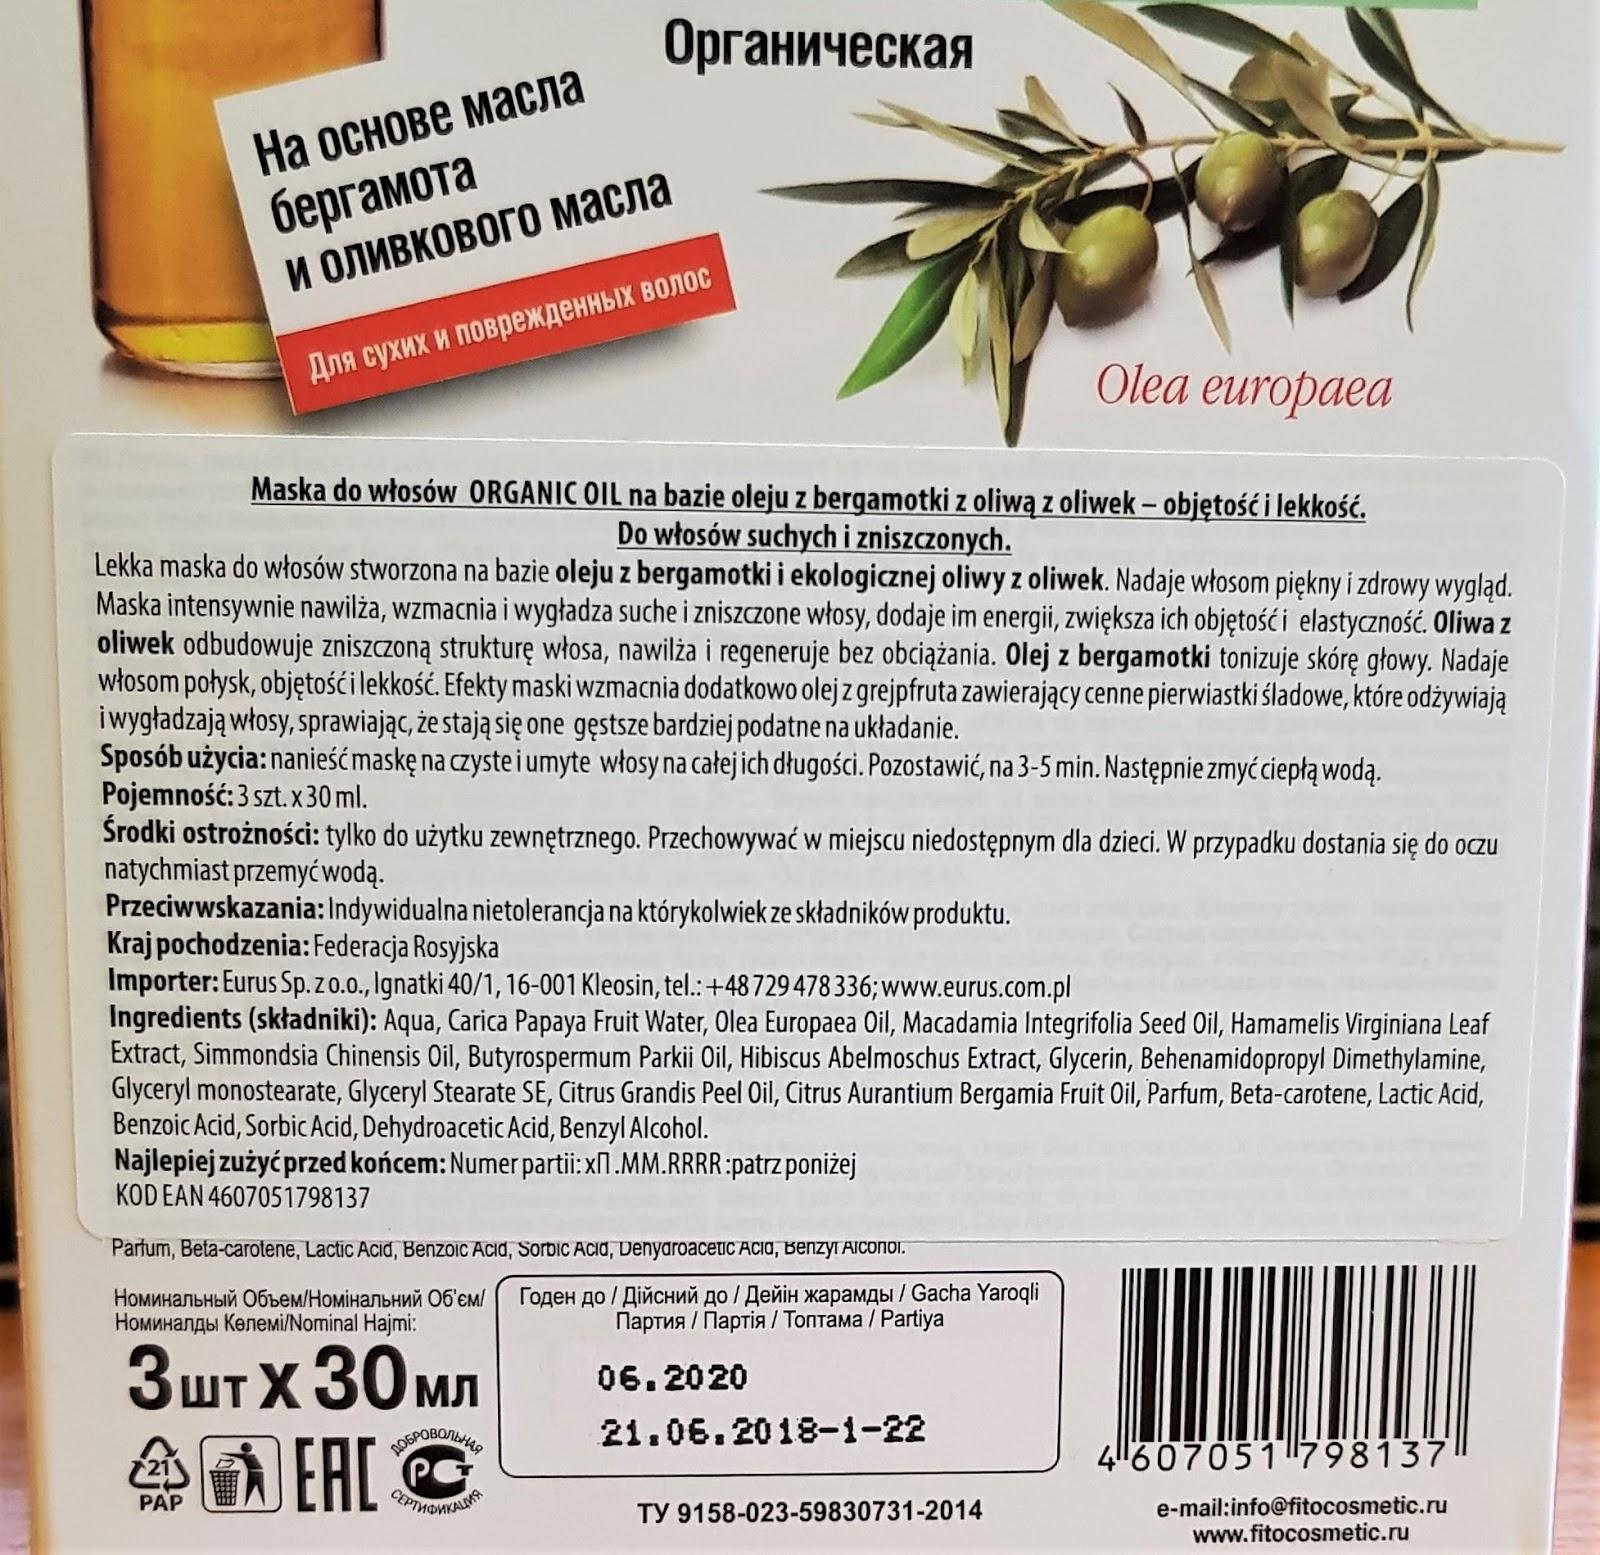 Fitokosmetik organiczna maska do włosów na bazie oleju z bergamotki z oliwą z oliwek objętość i lekkość